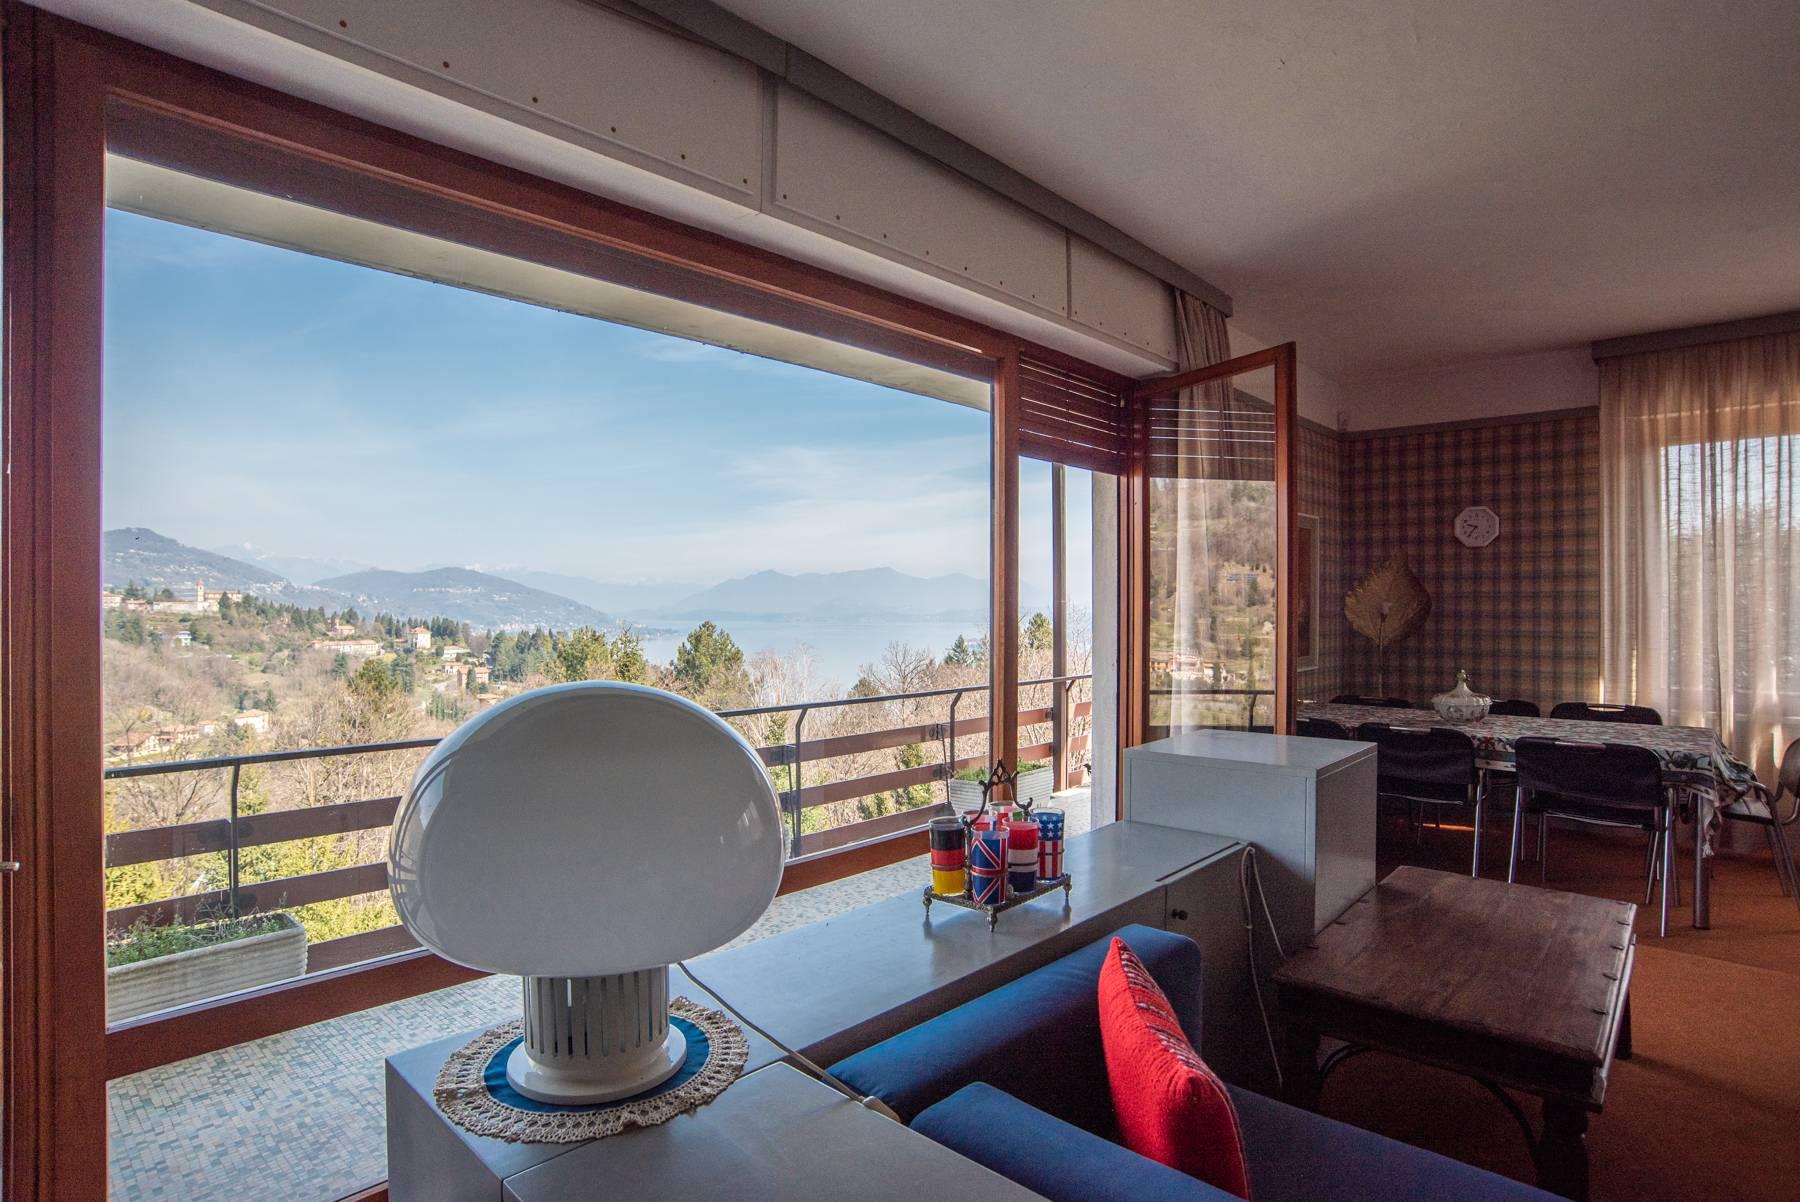 Villa in Vendita a Arona: 5 locali, 350 mq - Foto 6